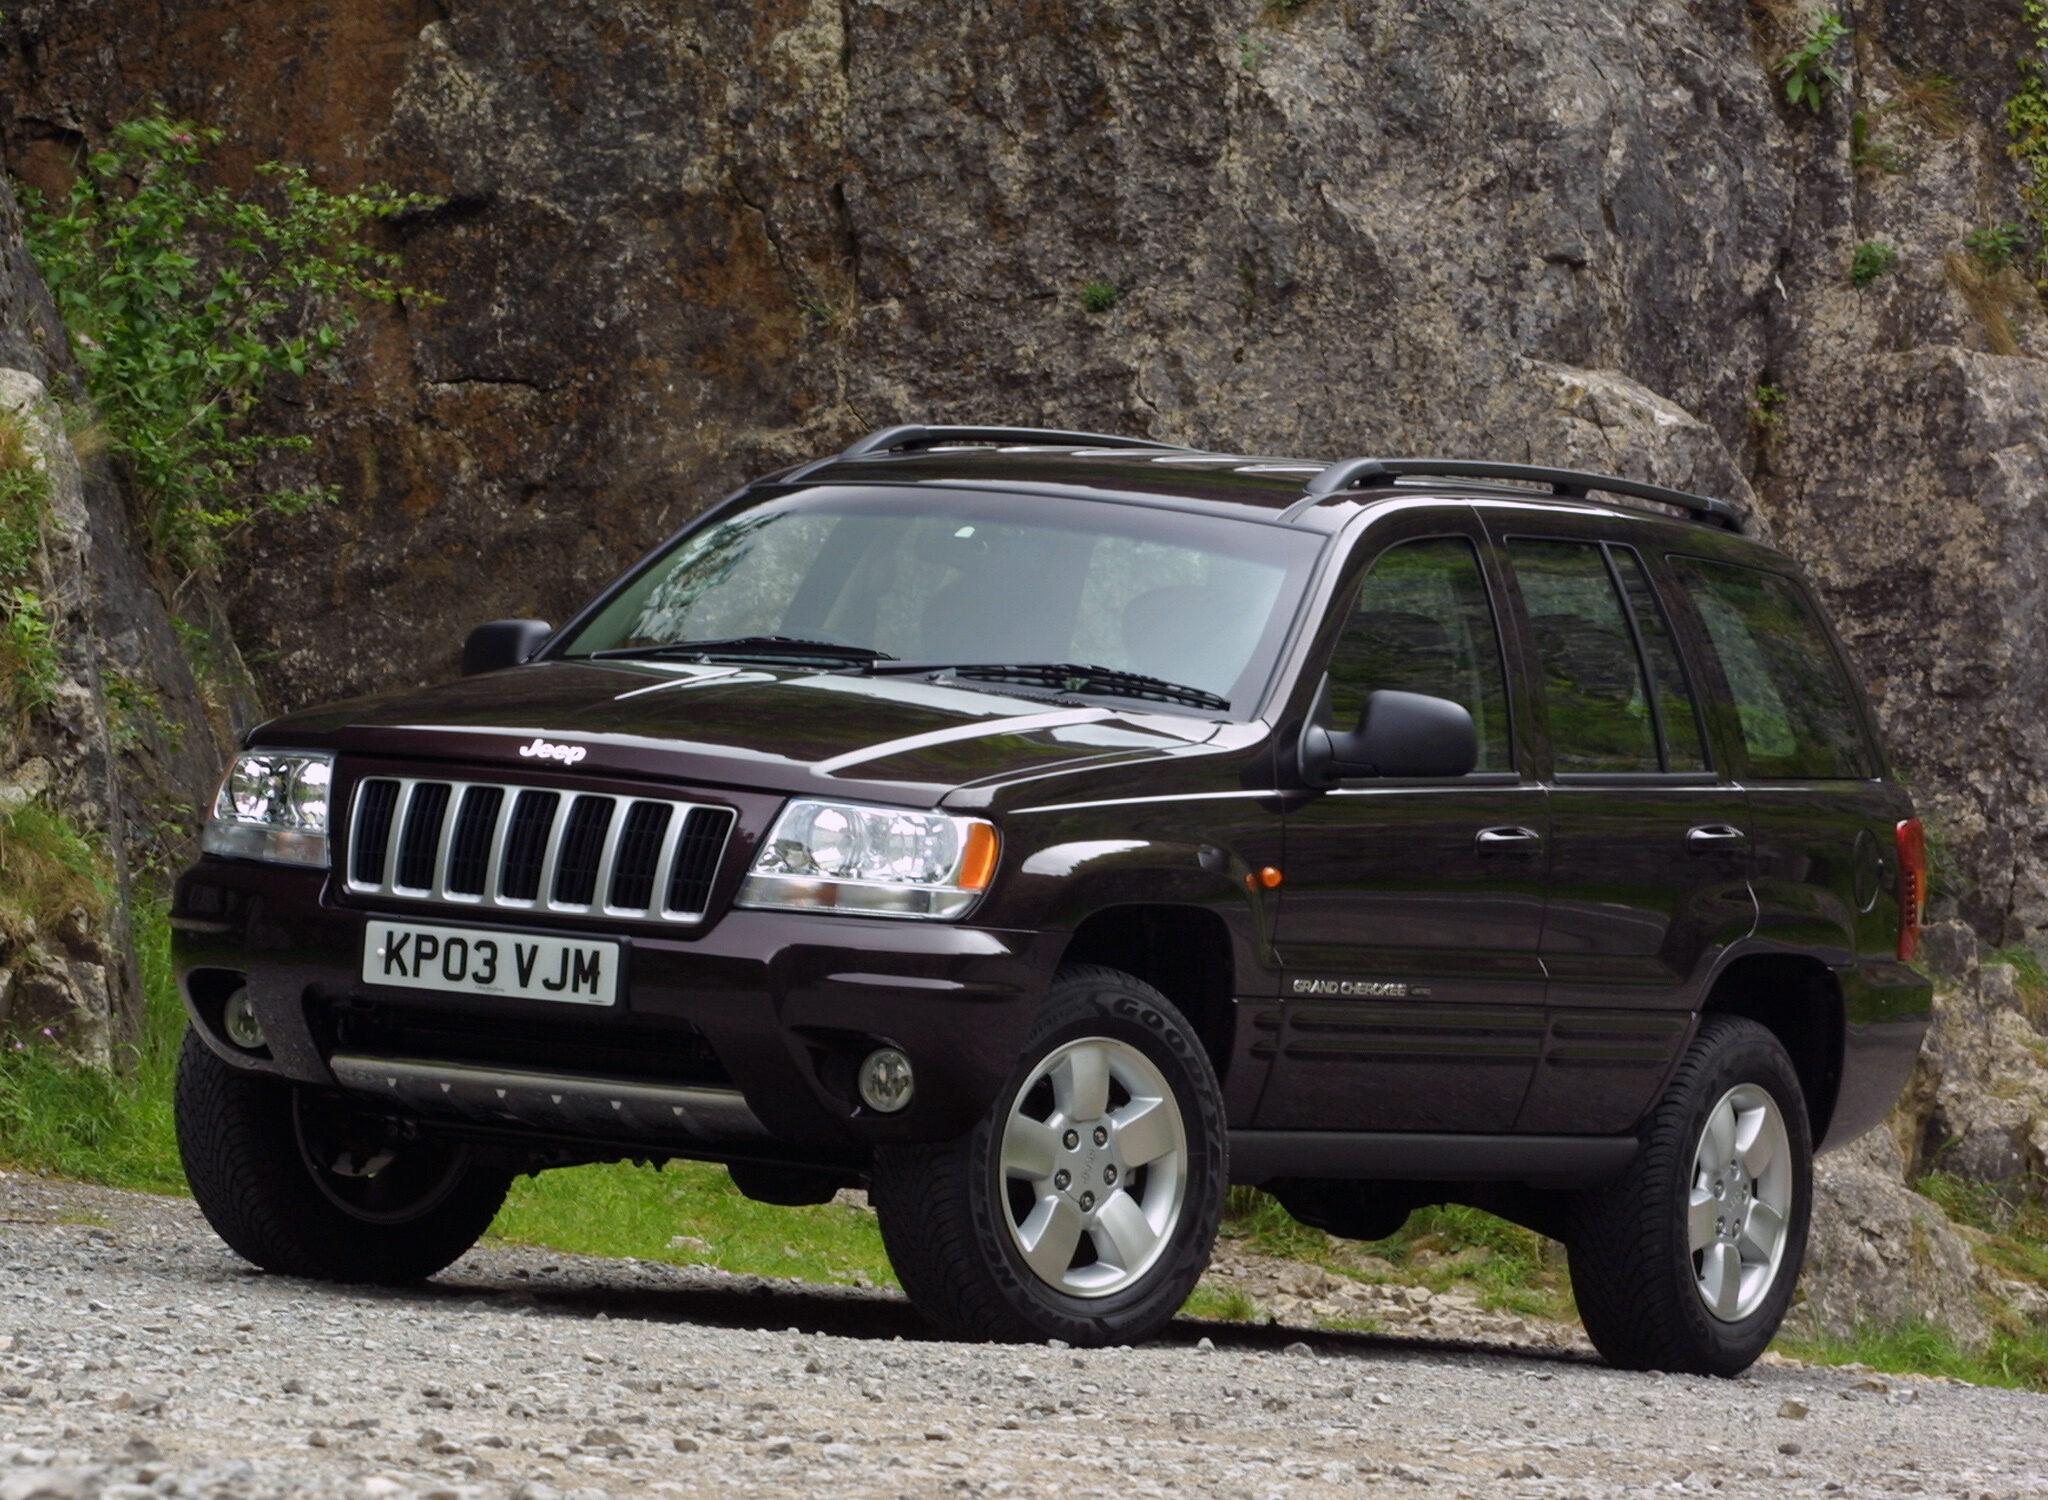 Brilliant Black 2003 Grand Cherokee